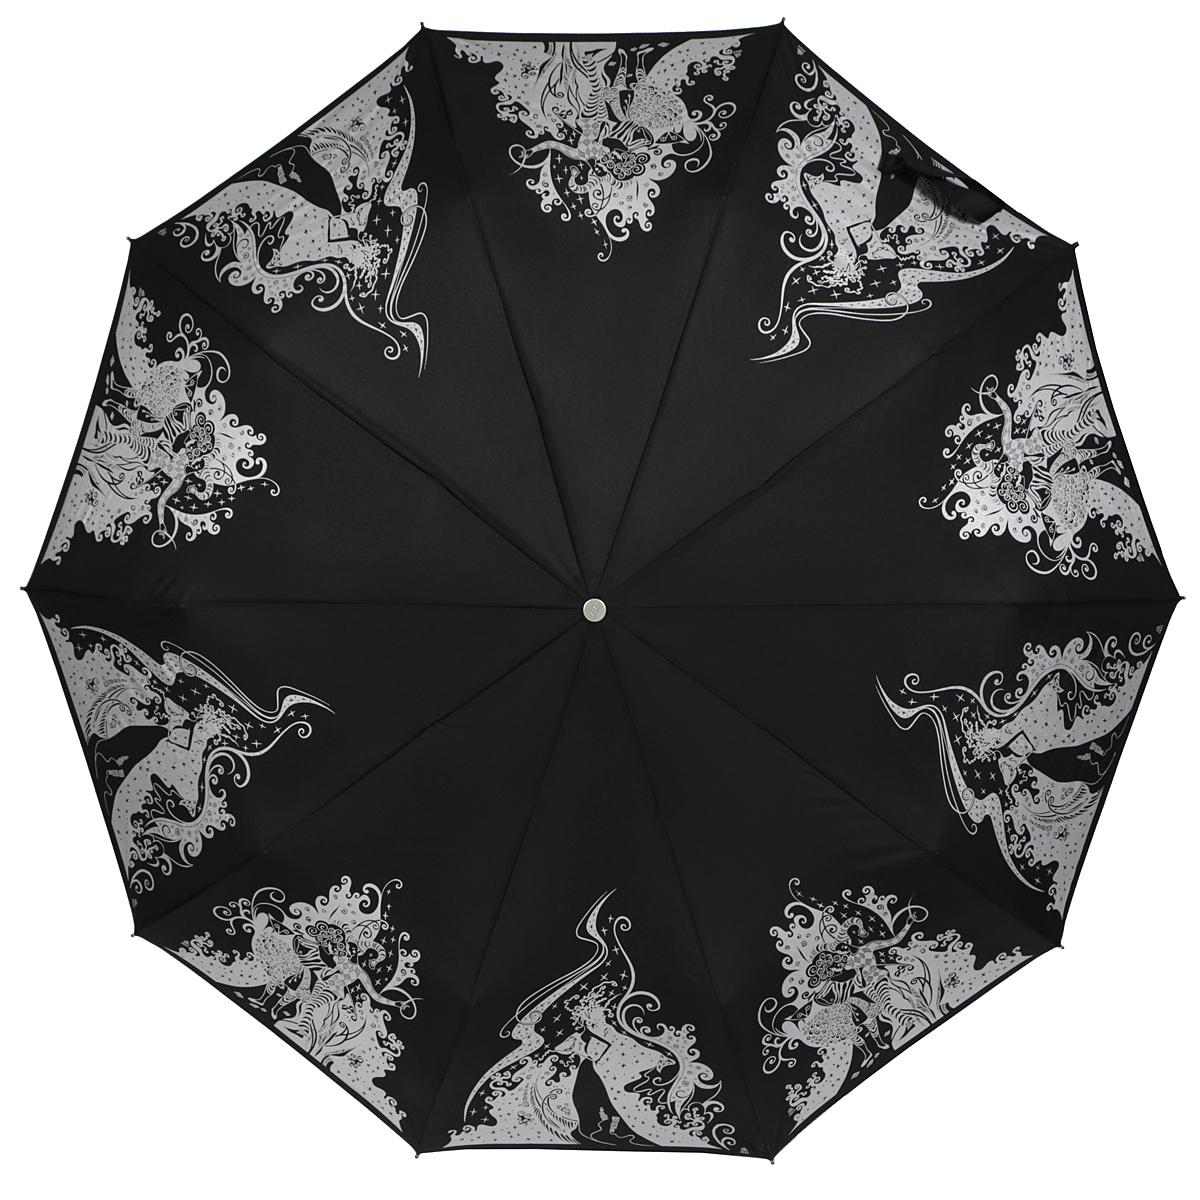 Зонт женский Zest, автомат, 3 сложения, цвет: черный, серебряный. 23969-133823969-1338Оригинальный автоматический зонт Zest в 3 сложения изготовлен из высокопрочных материалов. Каркас зонта состоит из 10 спиц и прочного алюминиевого стержня. Специальная система Windproof защищает его от поломок во время сильных порывов ветра. Купол зонта выполнен из прочного полиэстера с водоотталкивающей пропиткой и оформлен изображением девушек в цирковых костюмах и девушки в маскарадном платье. Рукоятка, разработанная с учетом требований эргономики, выполнена из металла и искусственной кожи. Зонт имеет полный автоматический механизм сложения: купол открывается и закрывается нажатием кнопки на рукоятке, стержень складывается вручную до характерного щелчка. Благодаря этому открыть и закрыть зонт можно одной рукой, что чрезвычайно удобно при входе в транспорт или помещение. Небольшой шнурок, расположенный на рукоятке, позволяет надеть изделие на руку при необходимости. Модель закрывается при помощи хлястика на застежку-липучку. К зонту прилагается чехол, который оснащен...